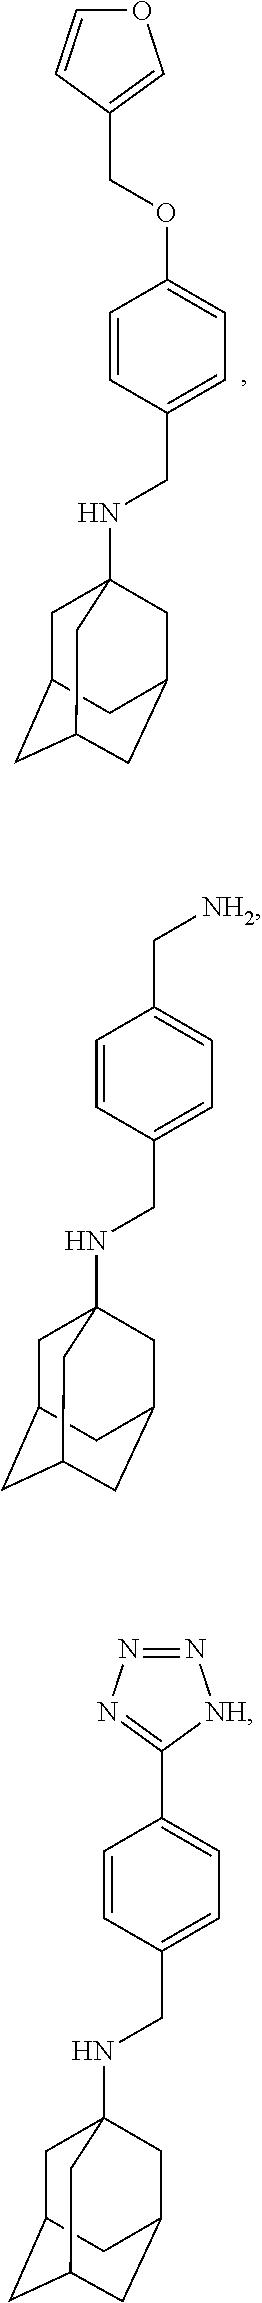 Figure US09884832-20180206-C00107